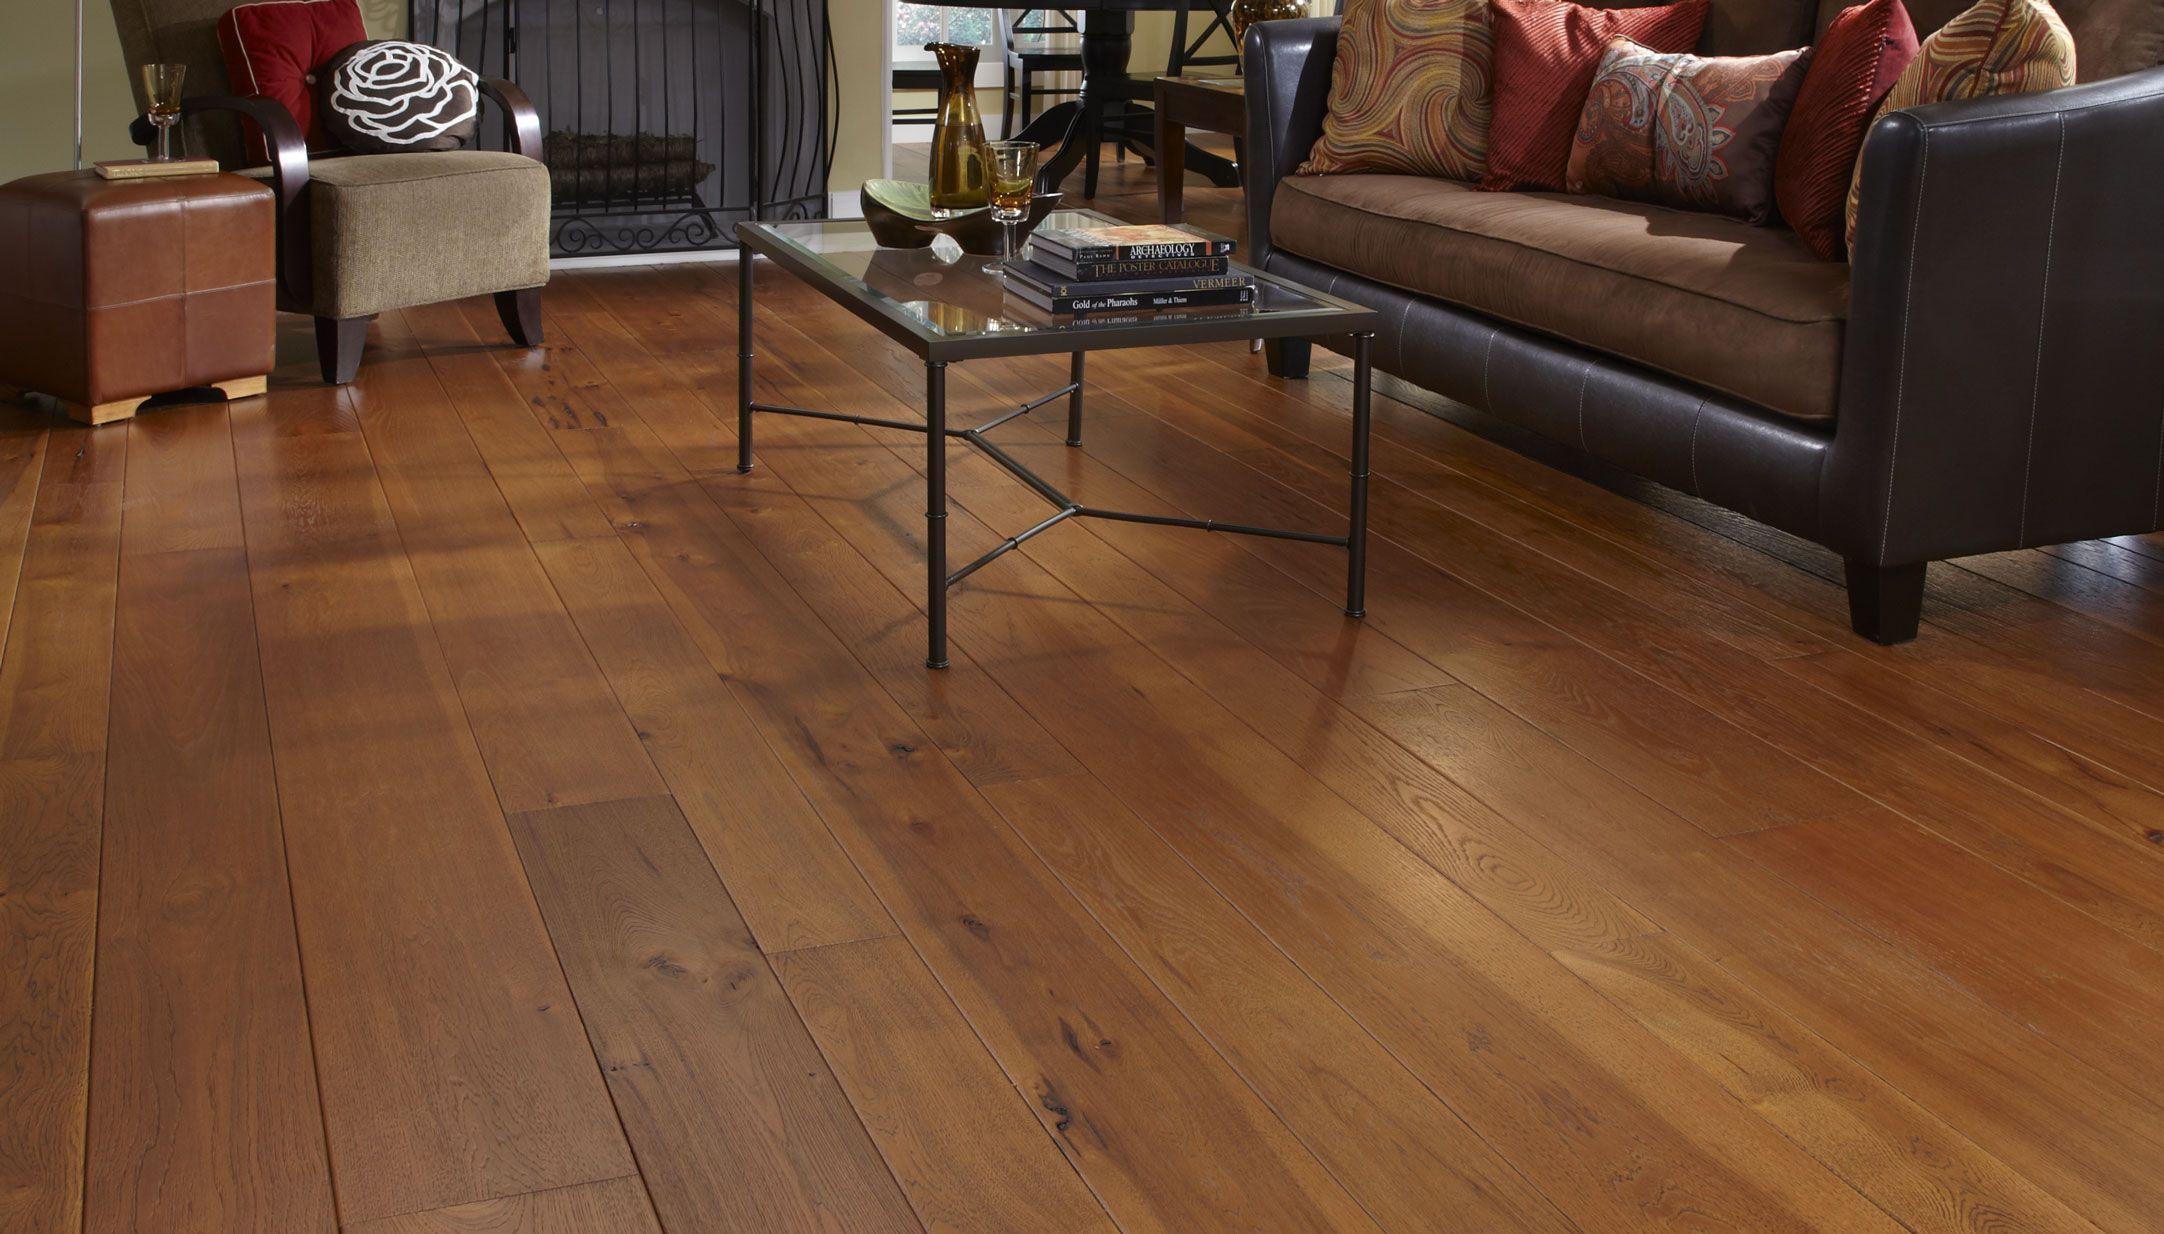 Brushed Hickory Hardwood Floors Hardwood Floors and